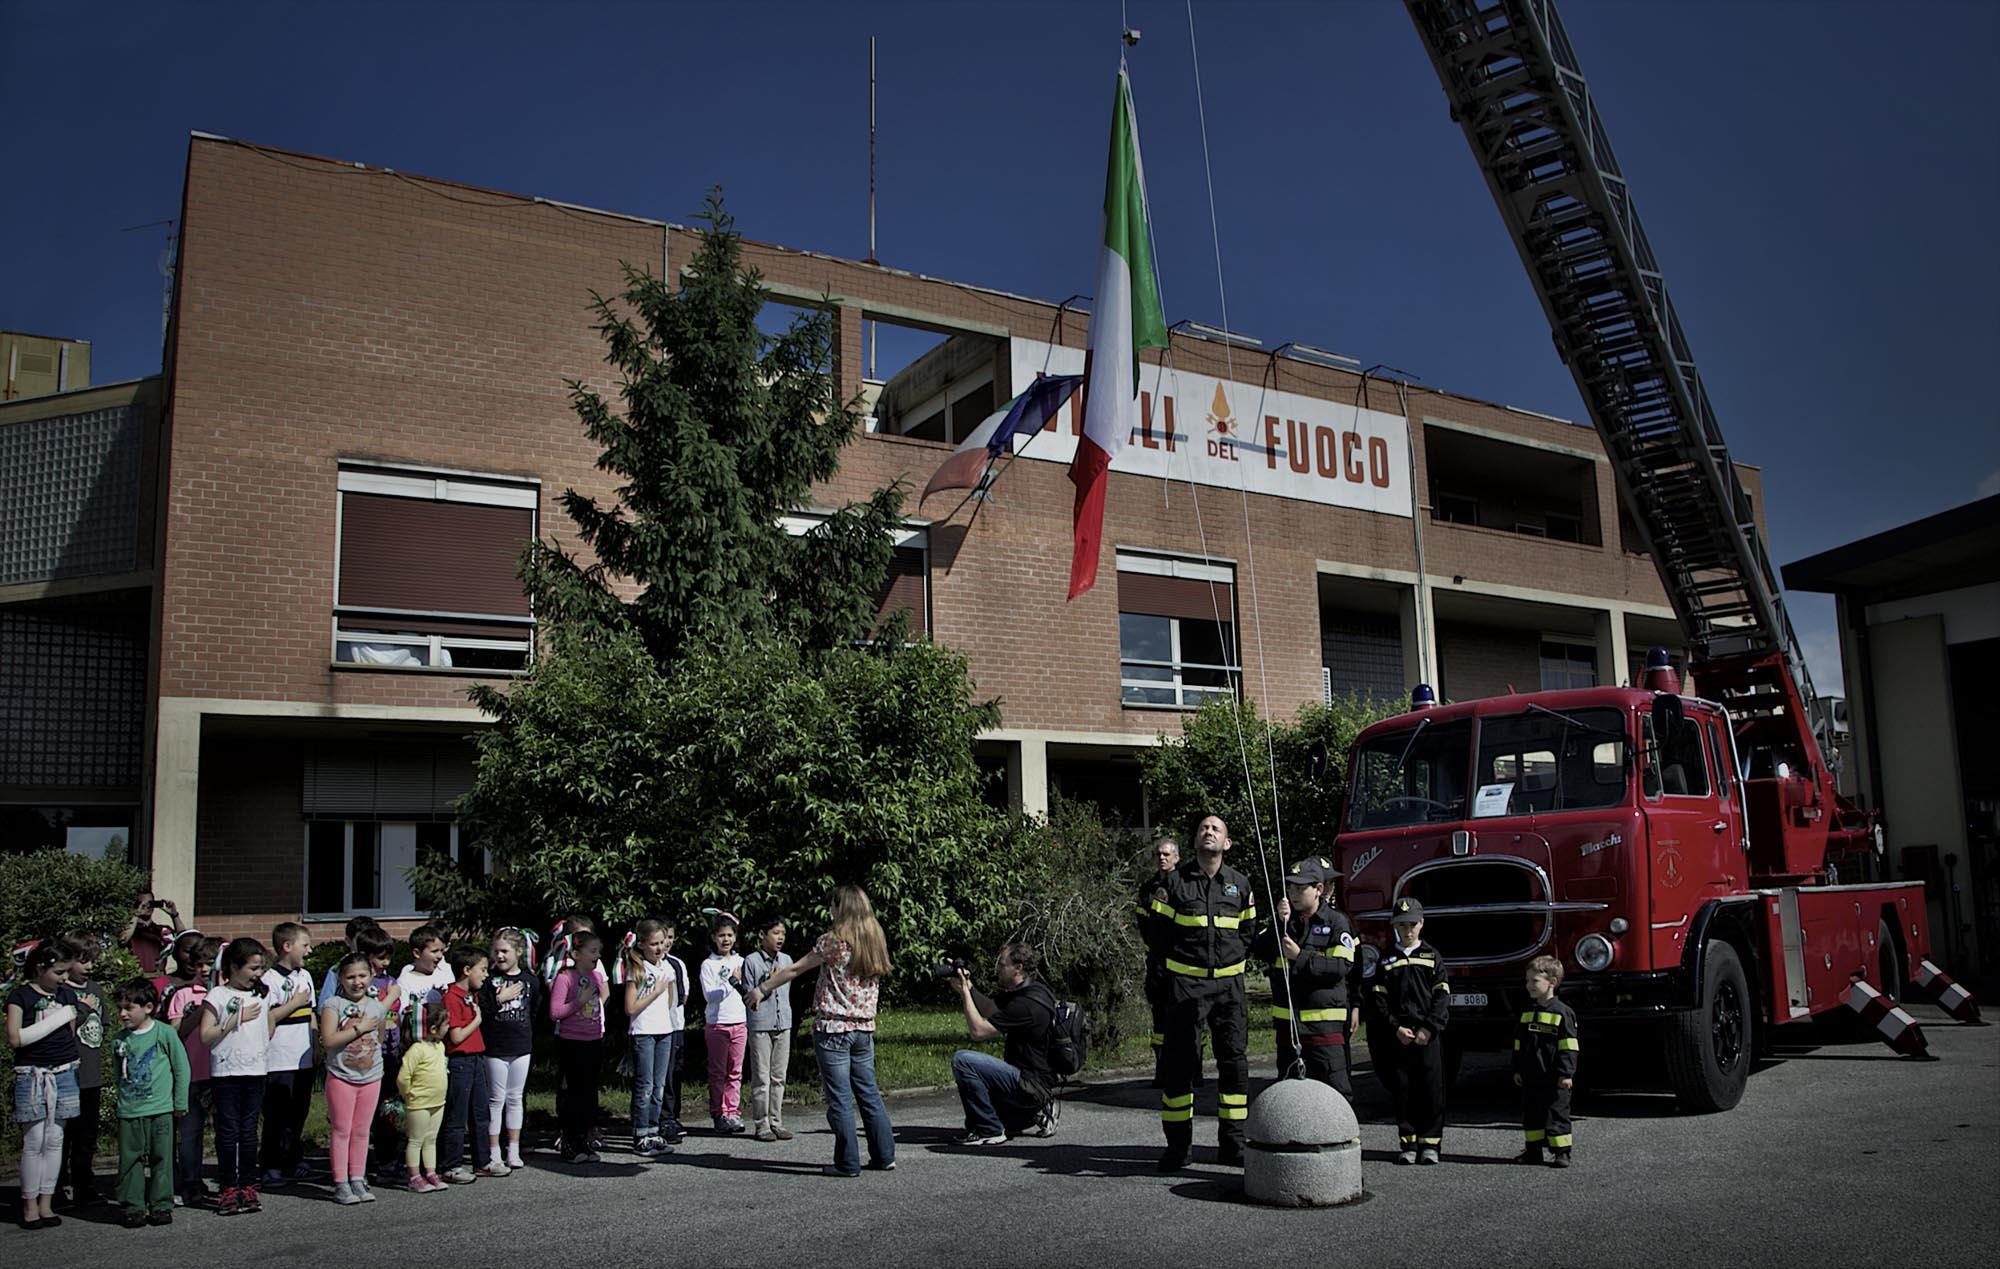 0029 pompieropoli esercitazioni antincendio bambini 6 - Pompieropoli, esercitazione antincendio con i bambini